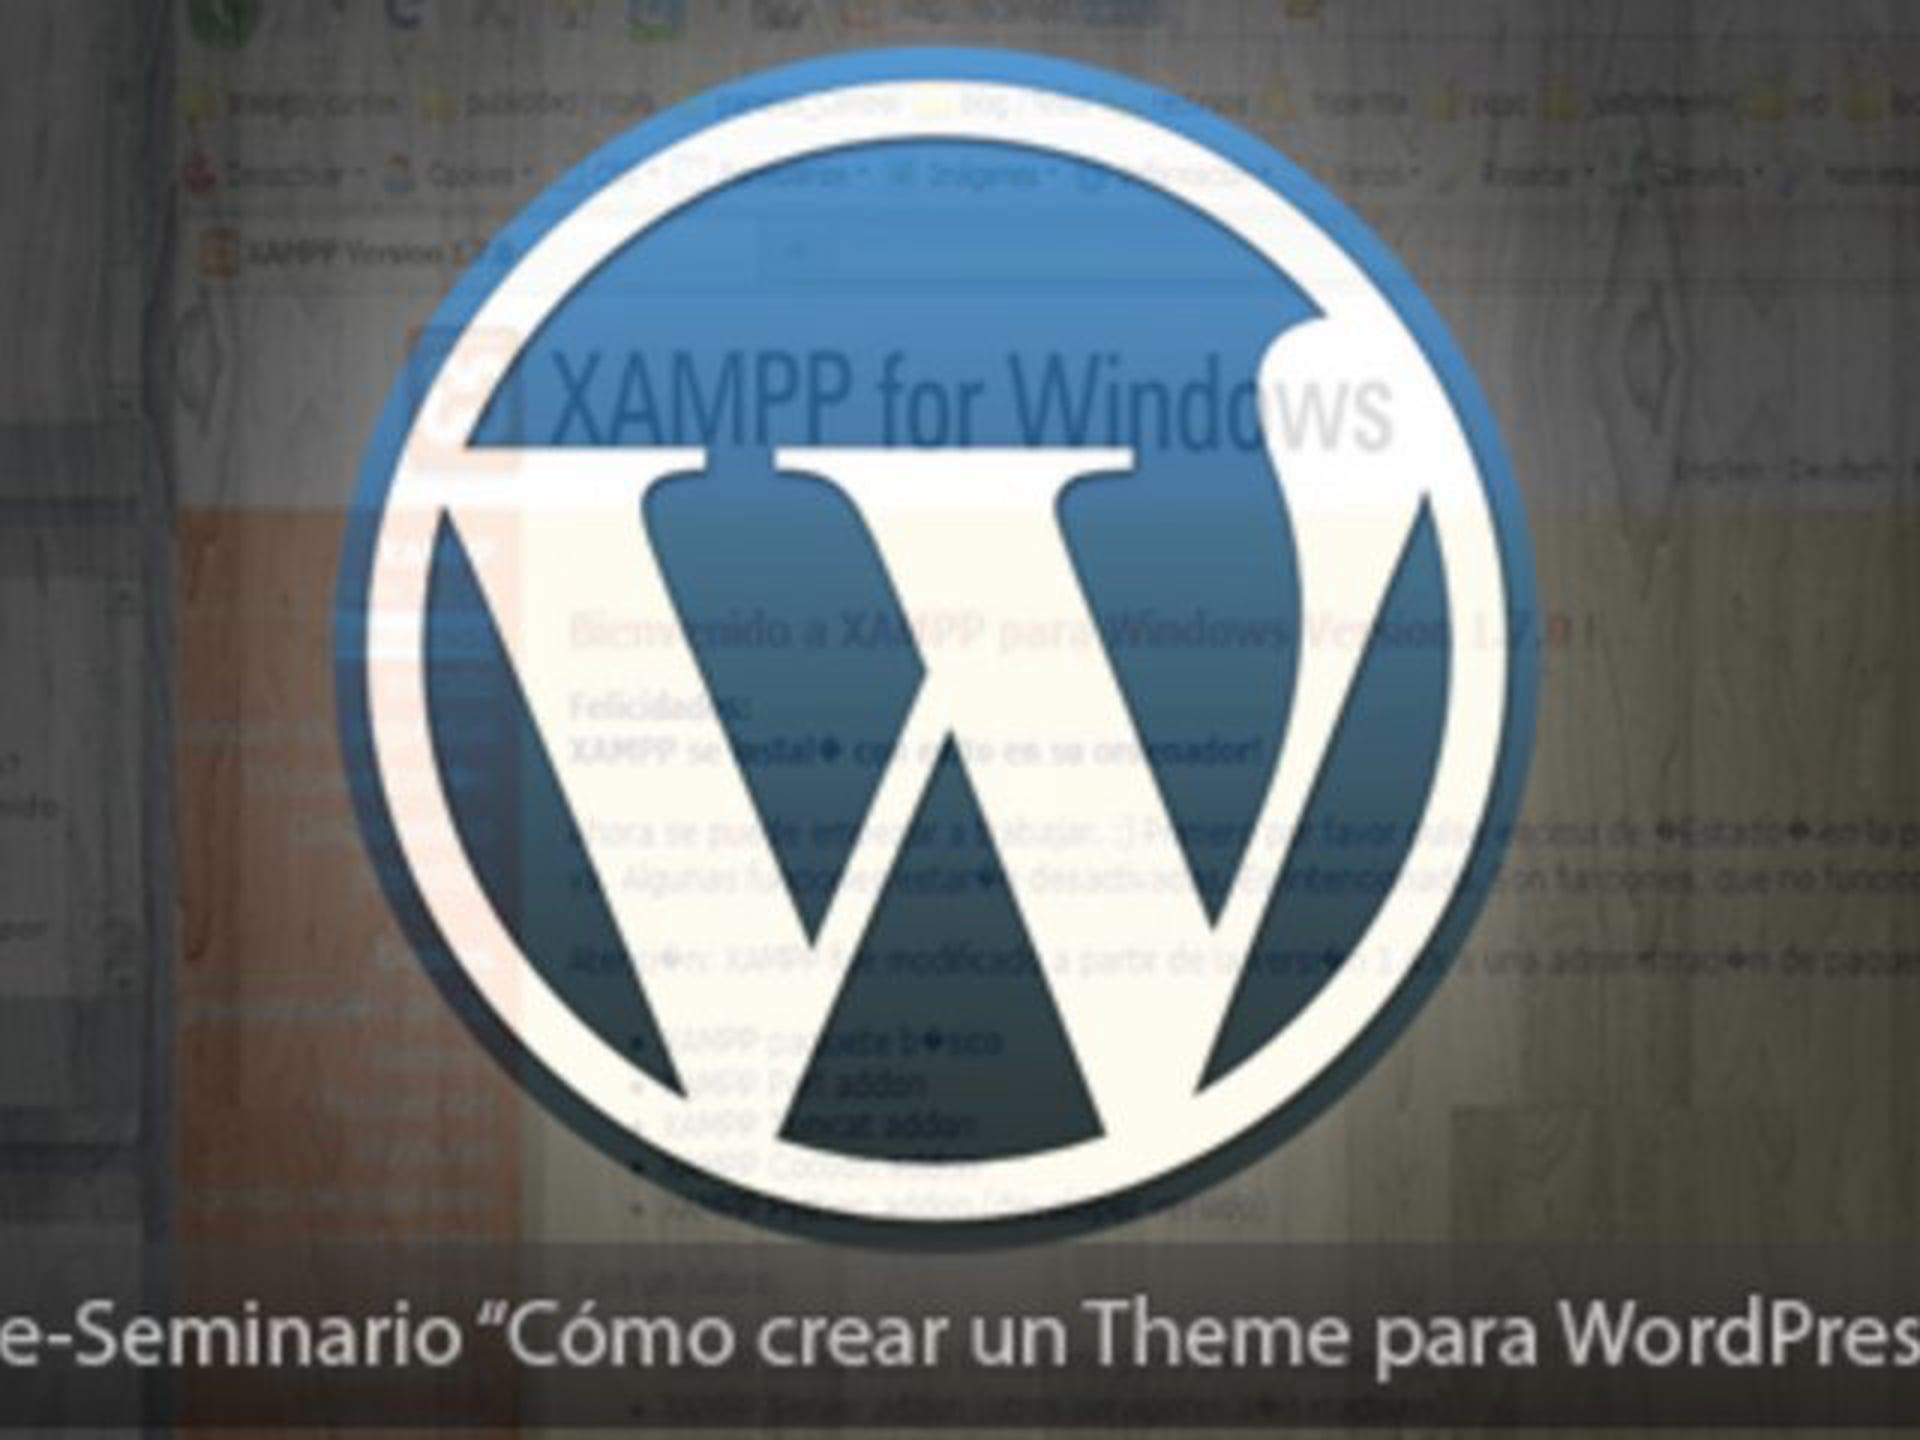 Cómo crear un theme para WordPress (2ª parte)